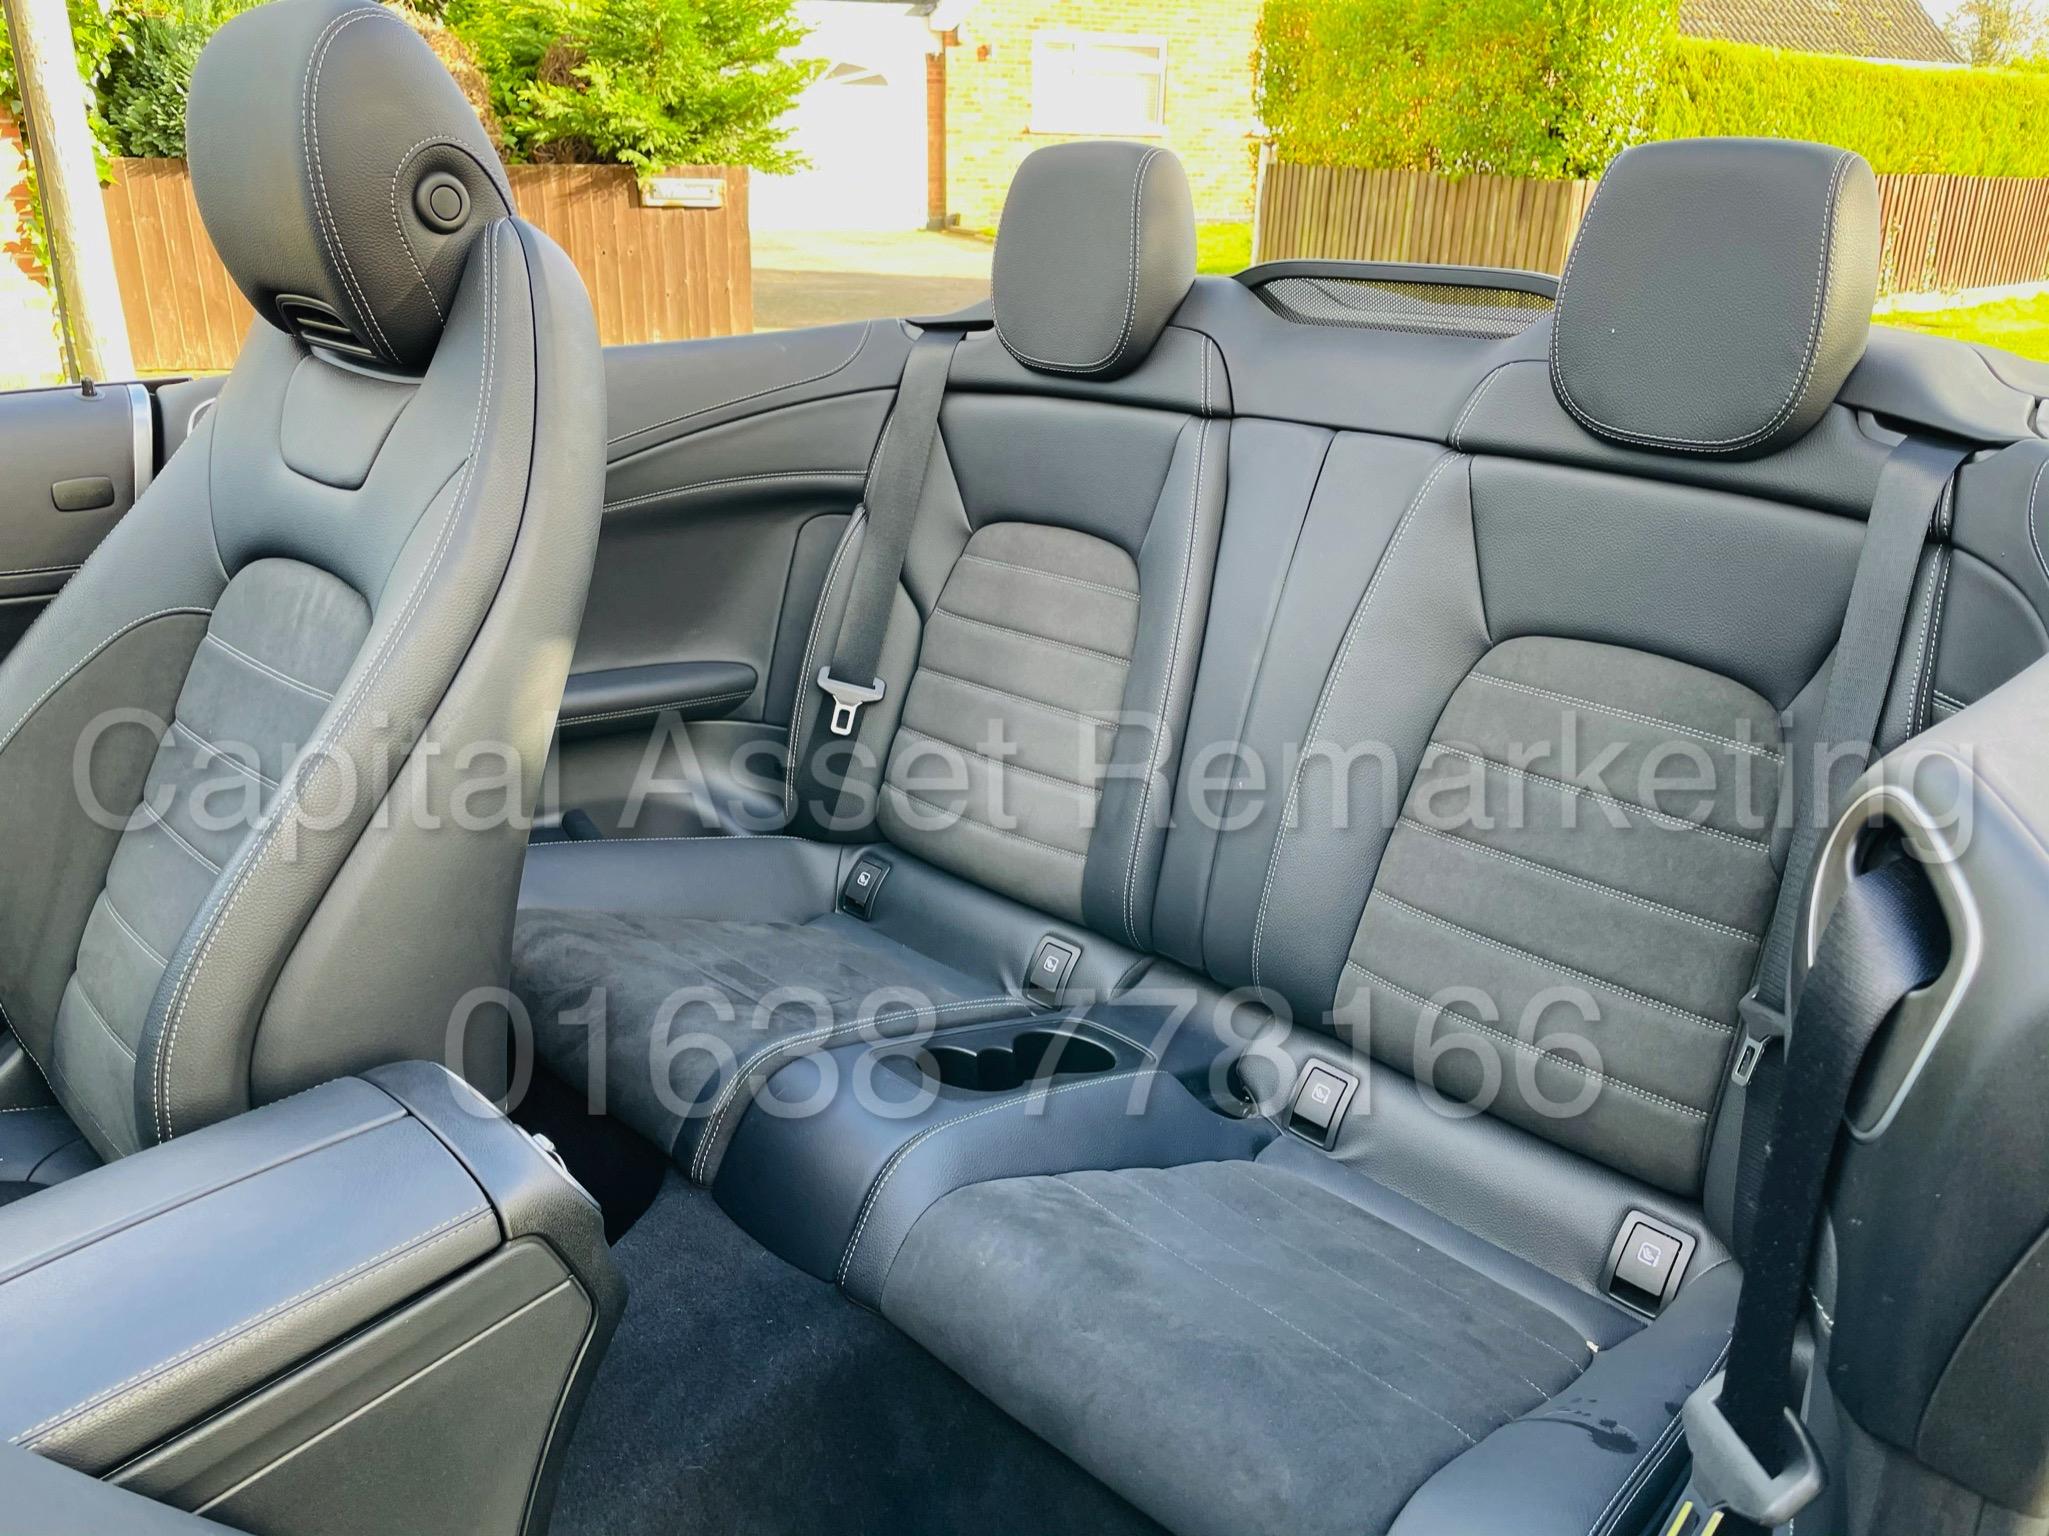 (On Sale) MERCEDES-BENZ C220D *AMG LINE -CABRIOLET* (2019) '9G AUTO - LEATHER - SAT NAV' *HUGE SPEC* - Image 24 of 43